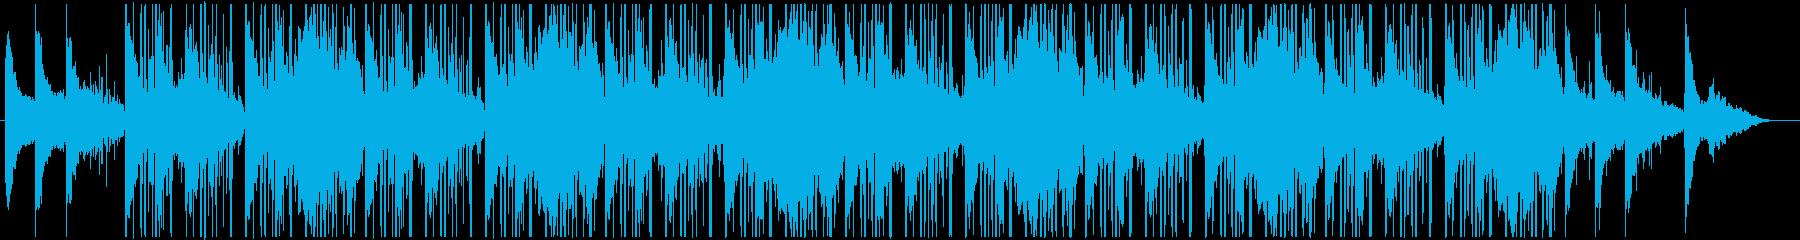 メロウなピアノと環境音のLo-fi系の再生済みの波形